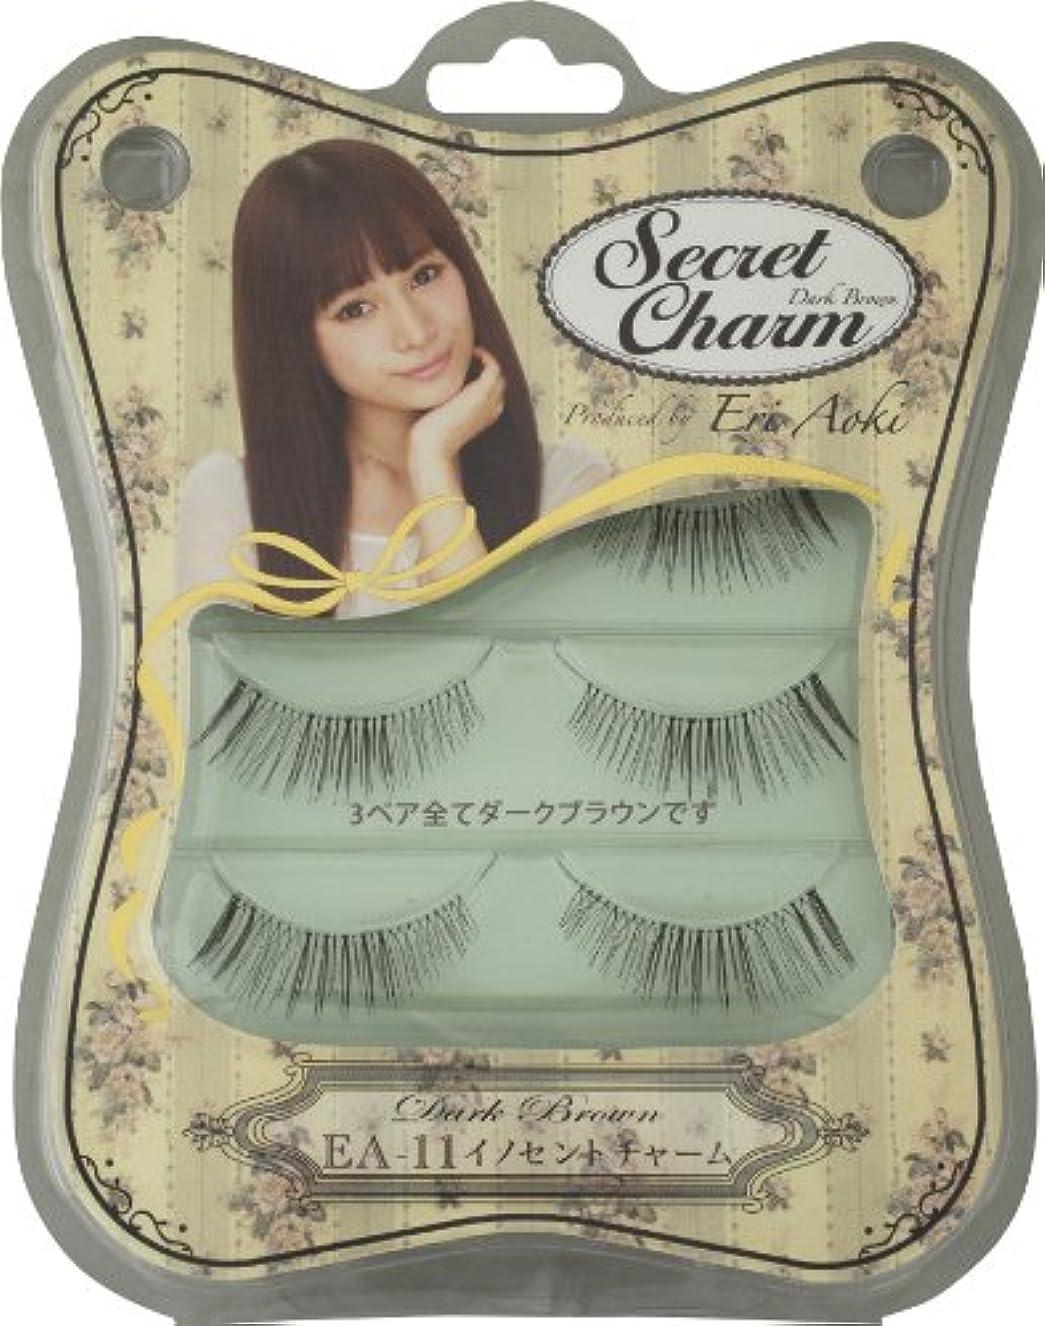 後悔豪華な蒸発Secret Charm イノセントチャーム/ダークブラウン/フルタイプ